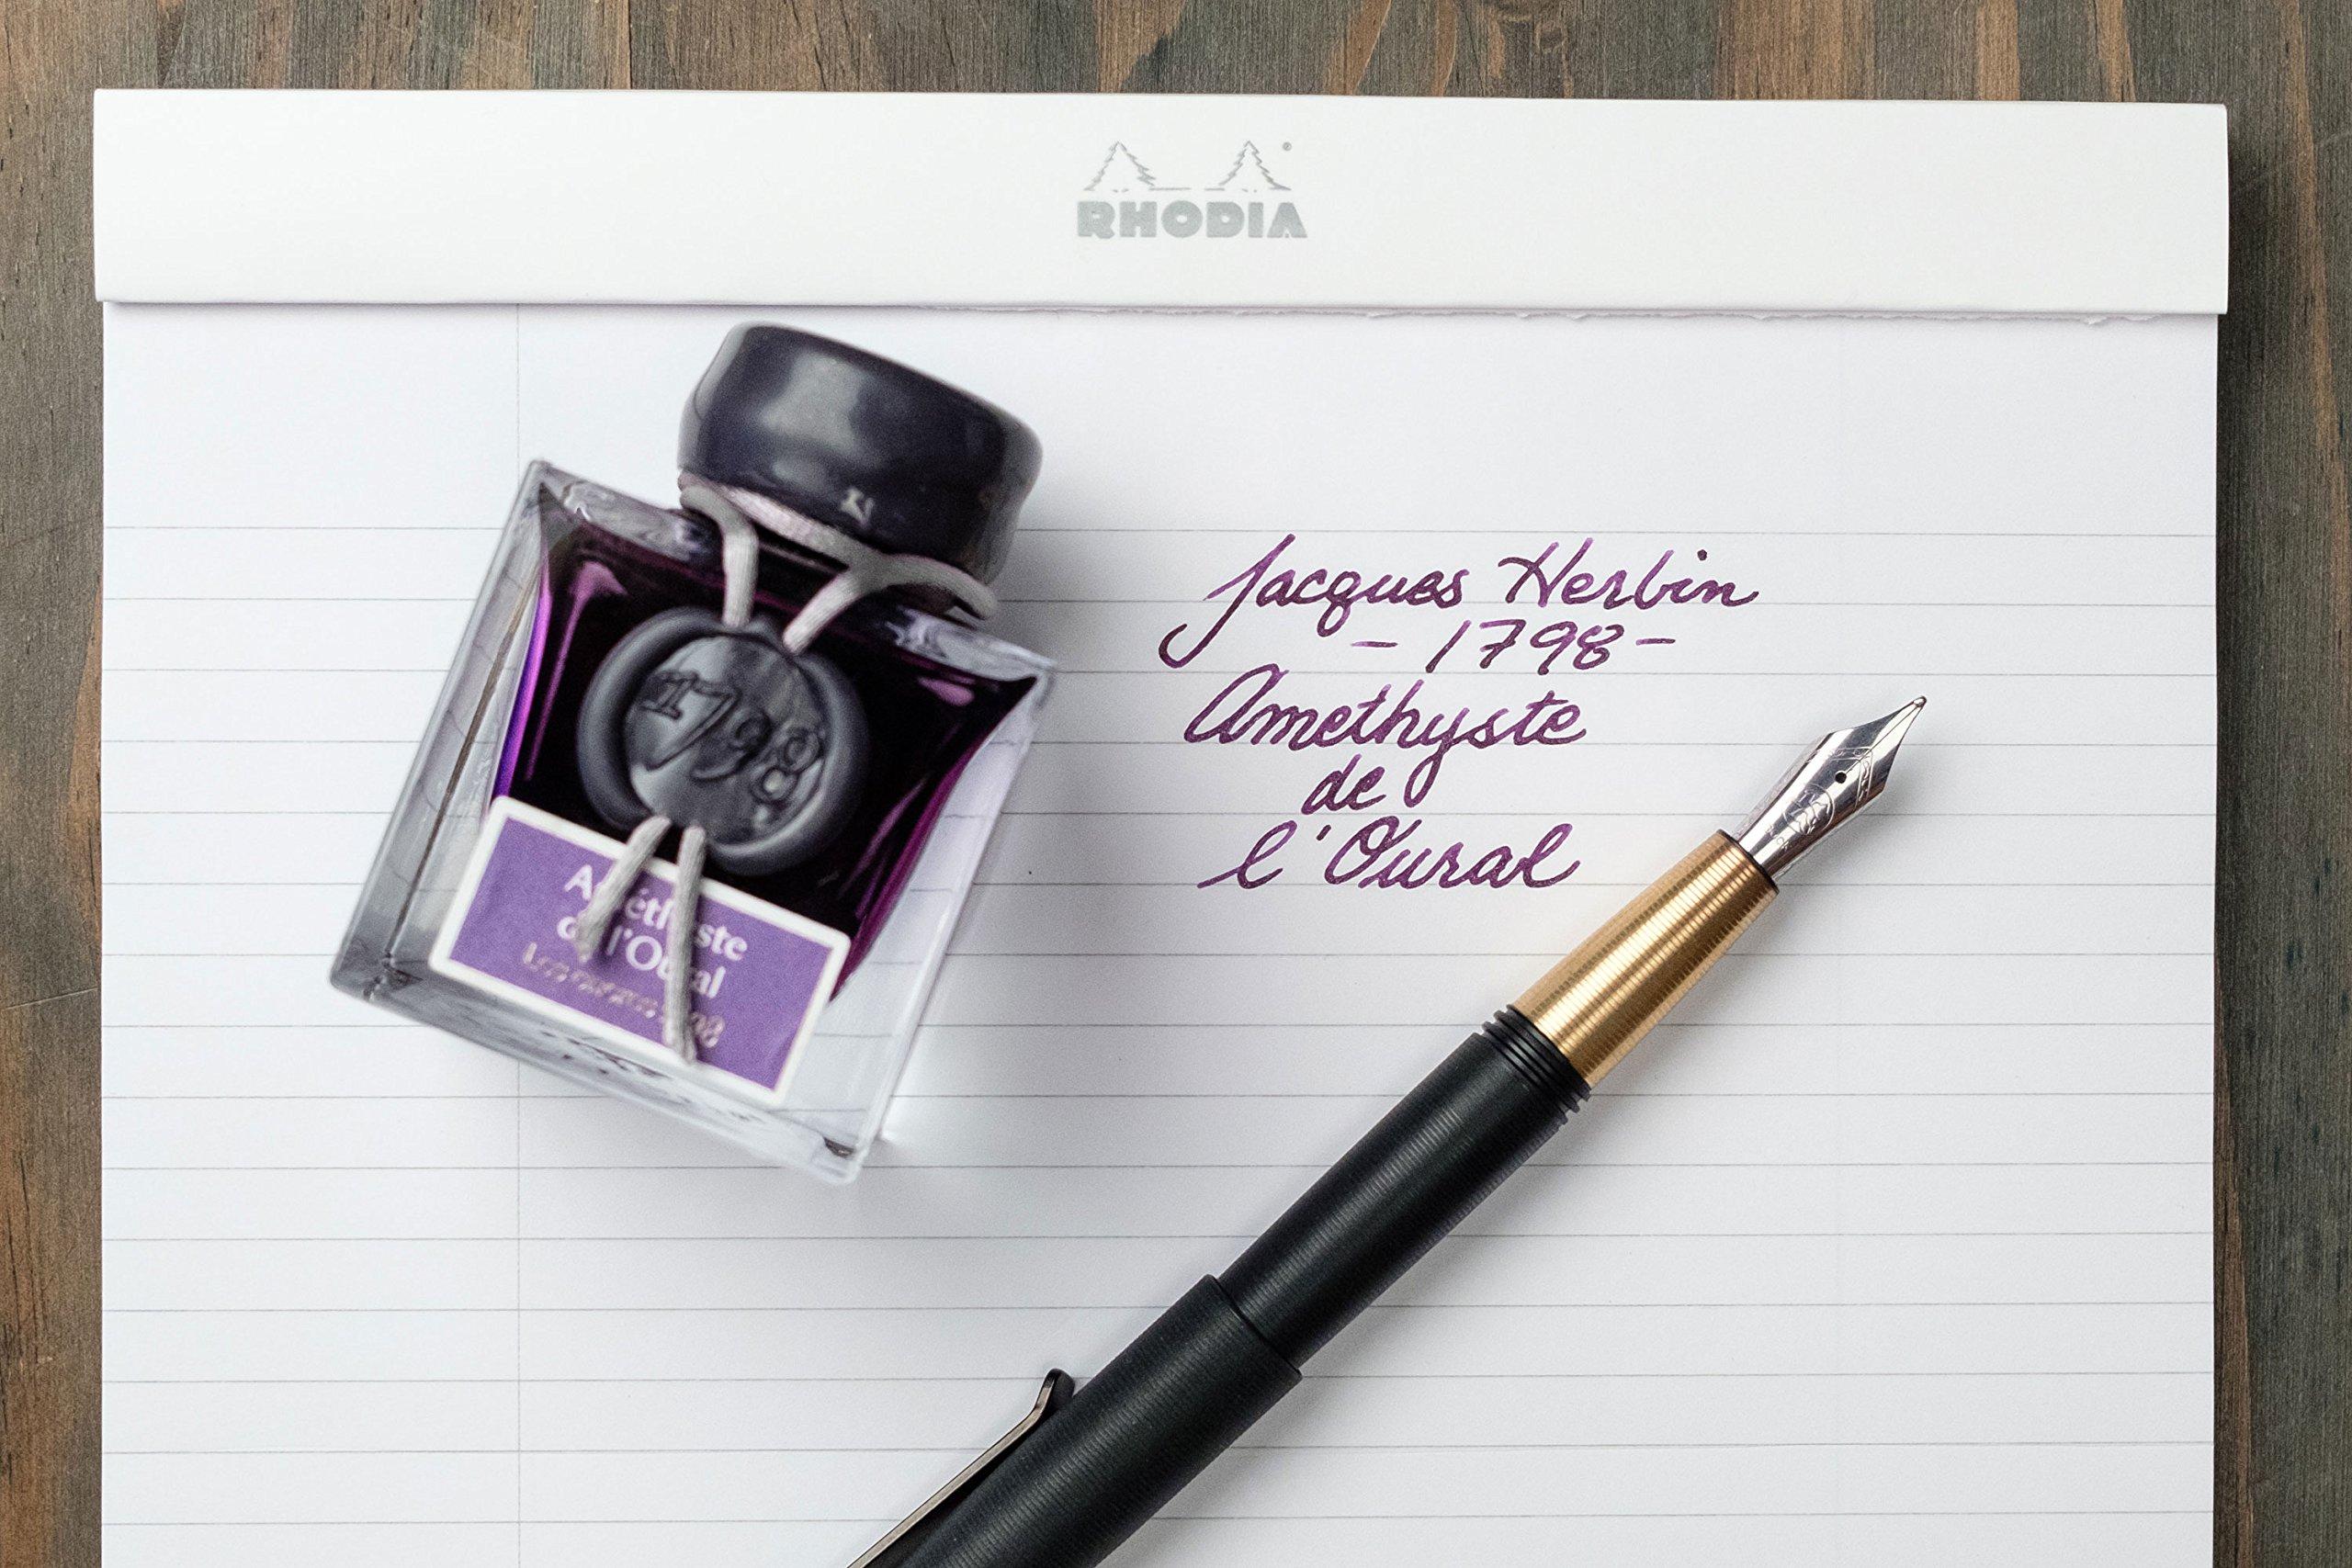 J. Herbin 1798 Anniversary Inks - Silver Sheen 50 ml Bottled - Amethyste de L'Oural (Rich Deep Purple Ink) by Herbin (Image #3)